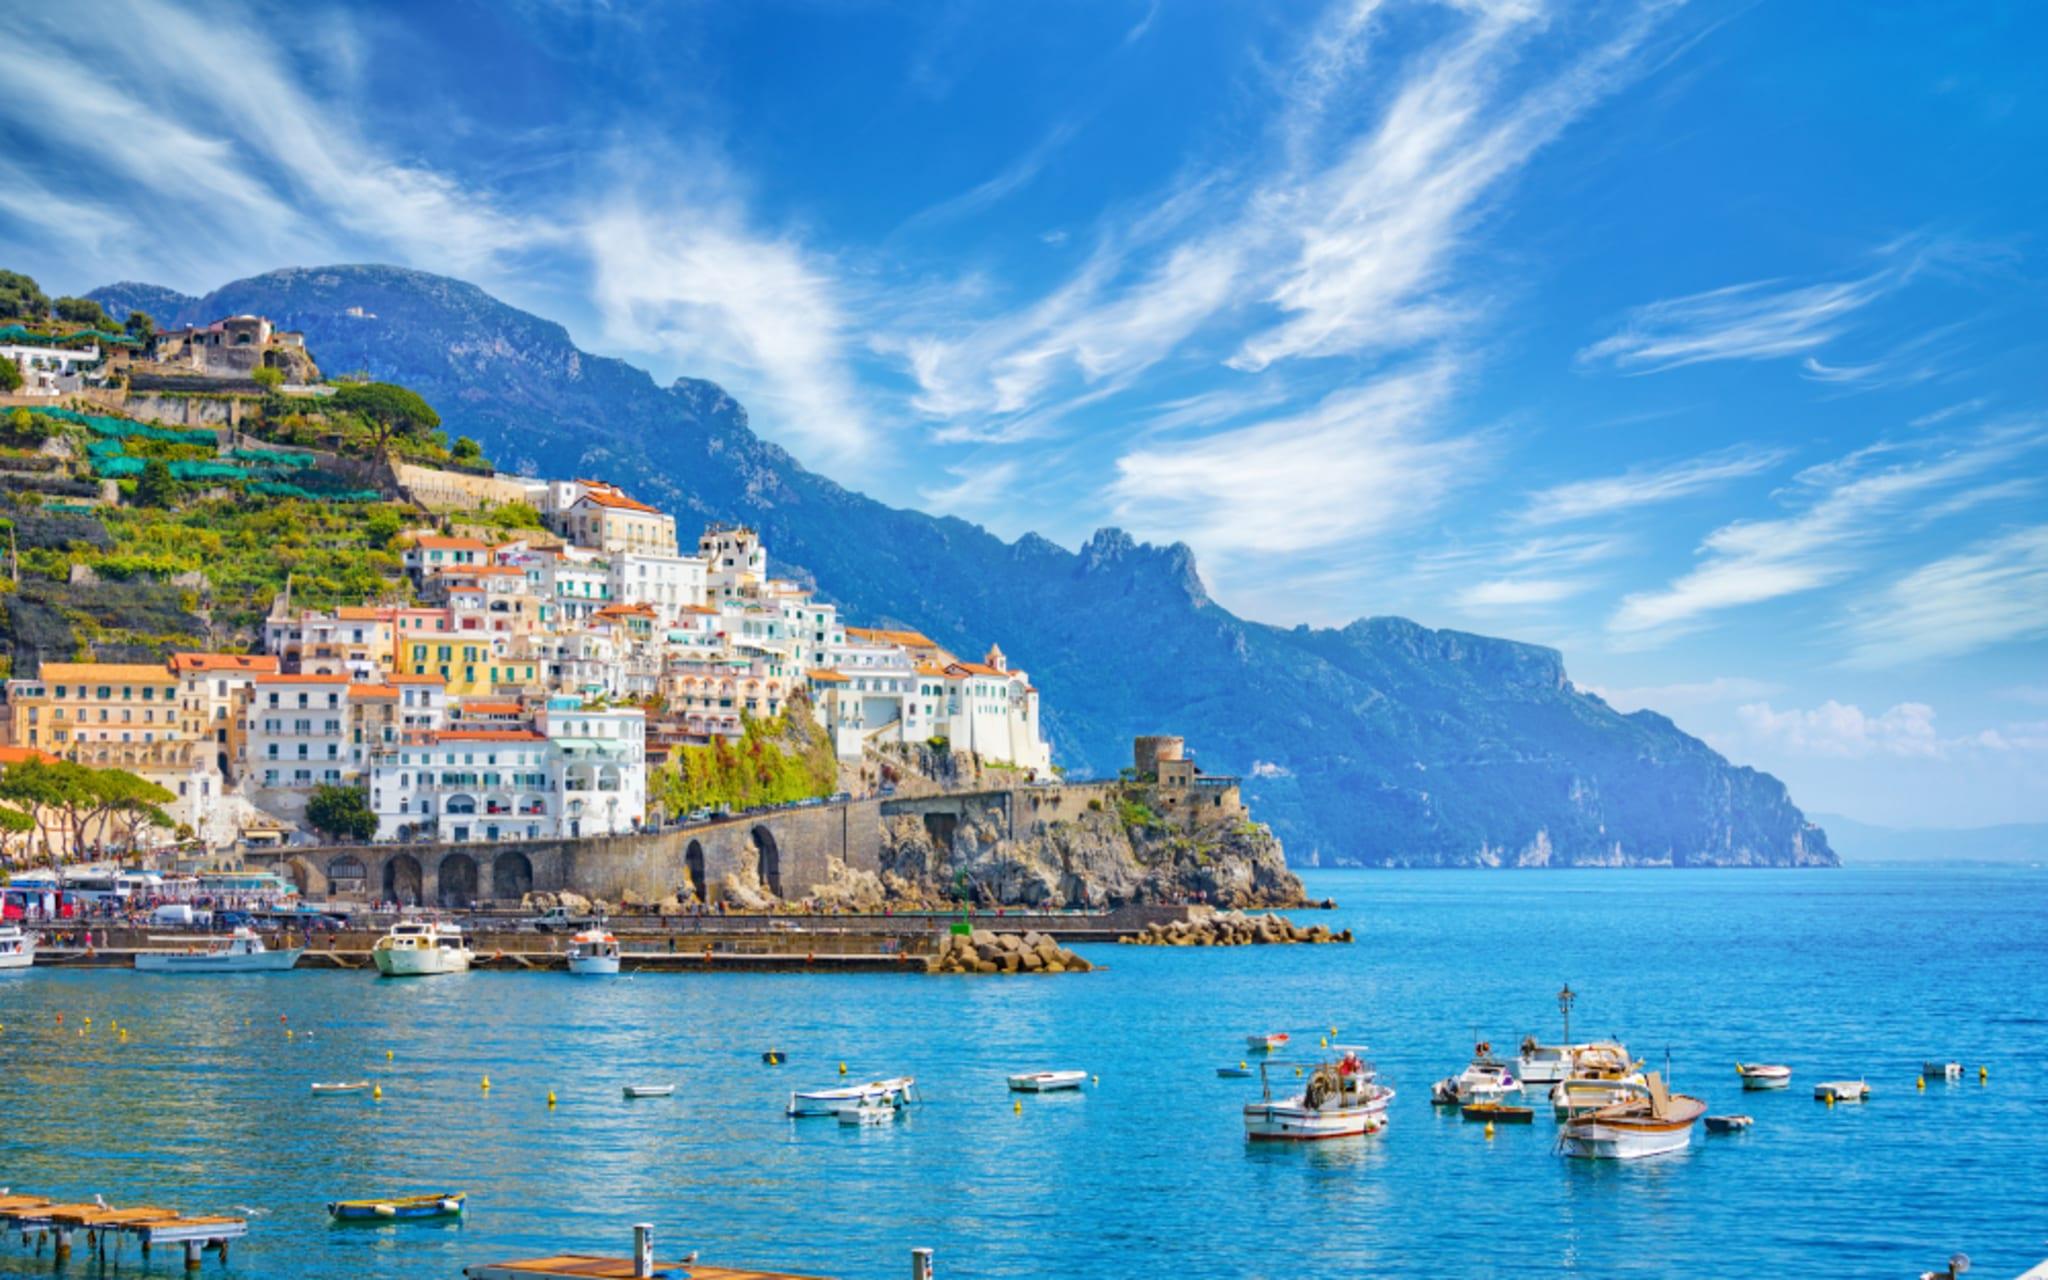 Amalfi Coast - Amalfi, the Divine city